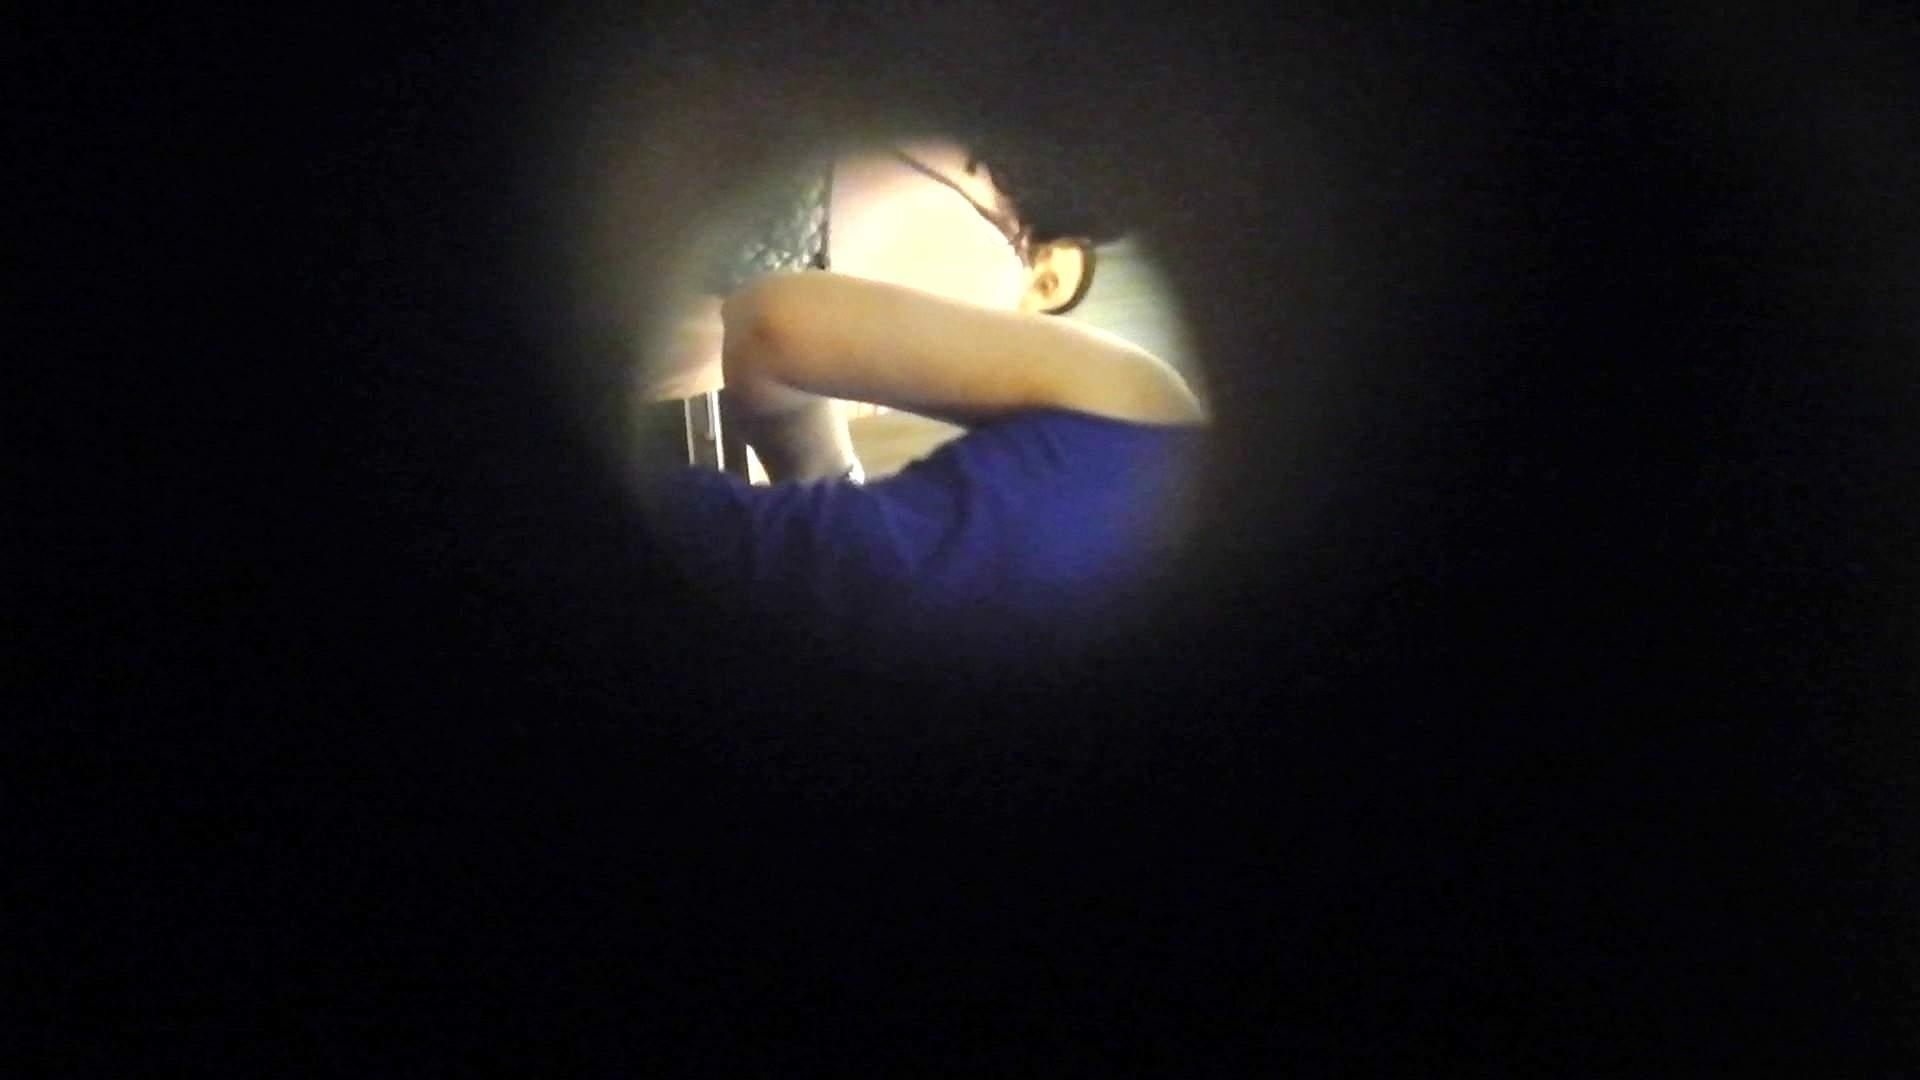 阿国ちゃんの「和式洋式七変化」No.12 お姉さん攻略 すけべAV動画紹介 99画像 82